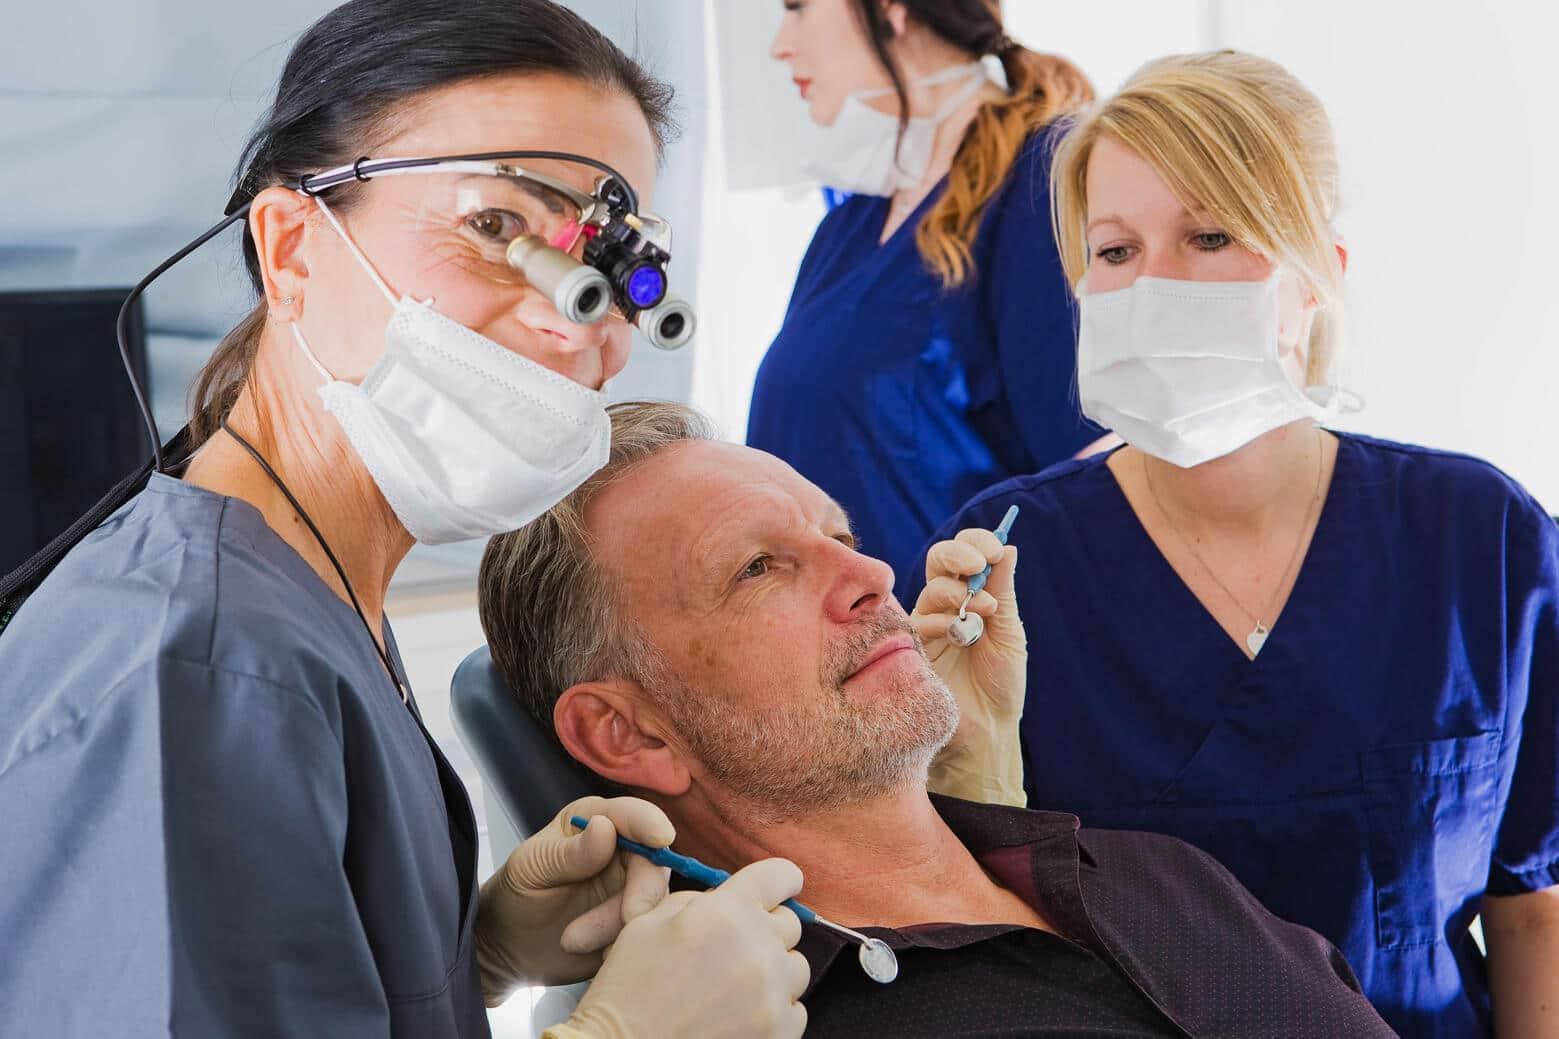 Zahnchirurgie Bochum - Zahn OP in der Zahnarztpraxis